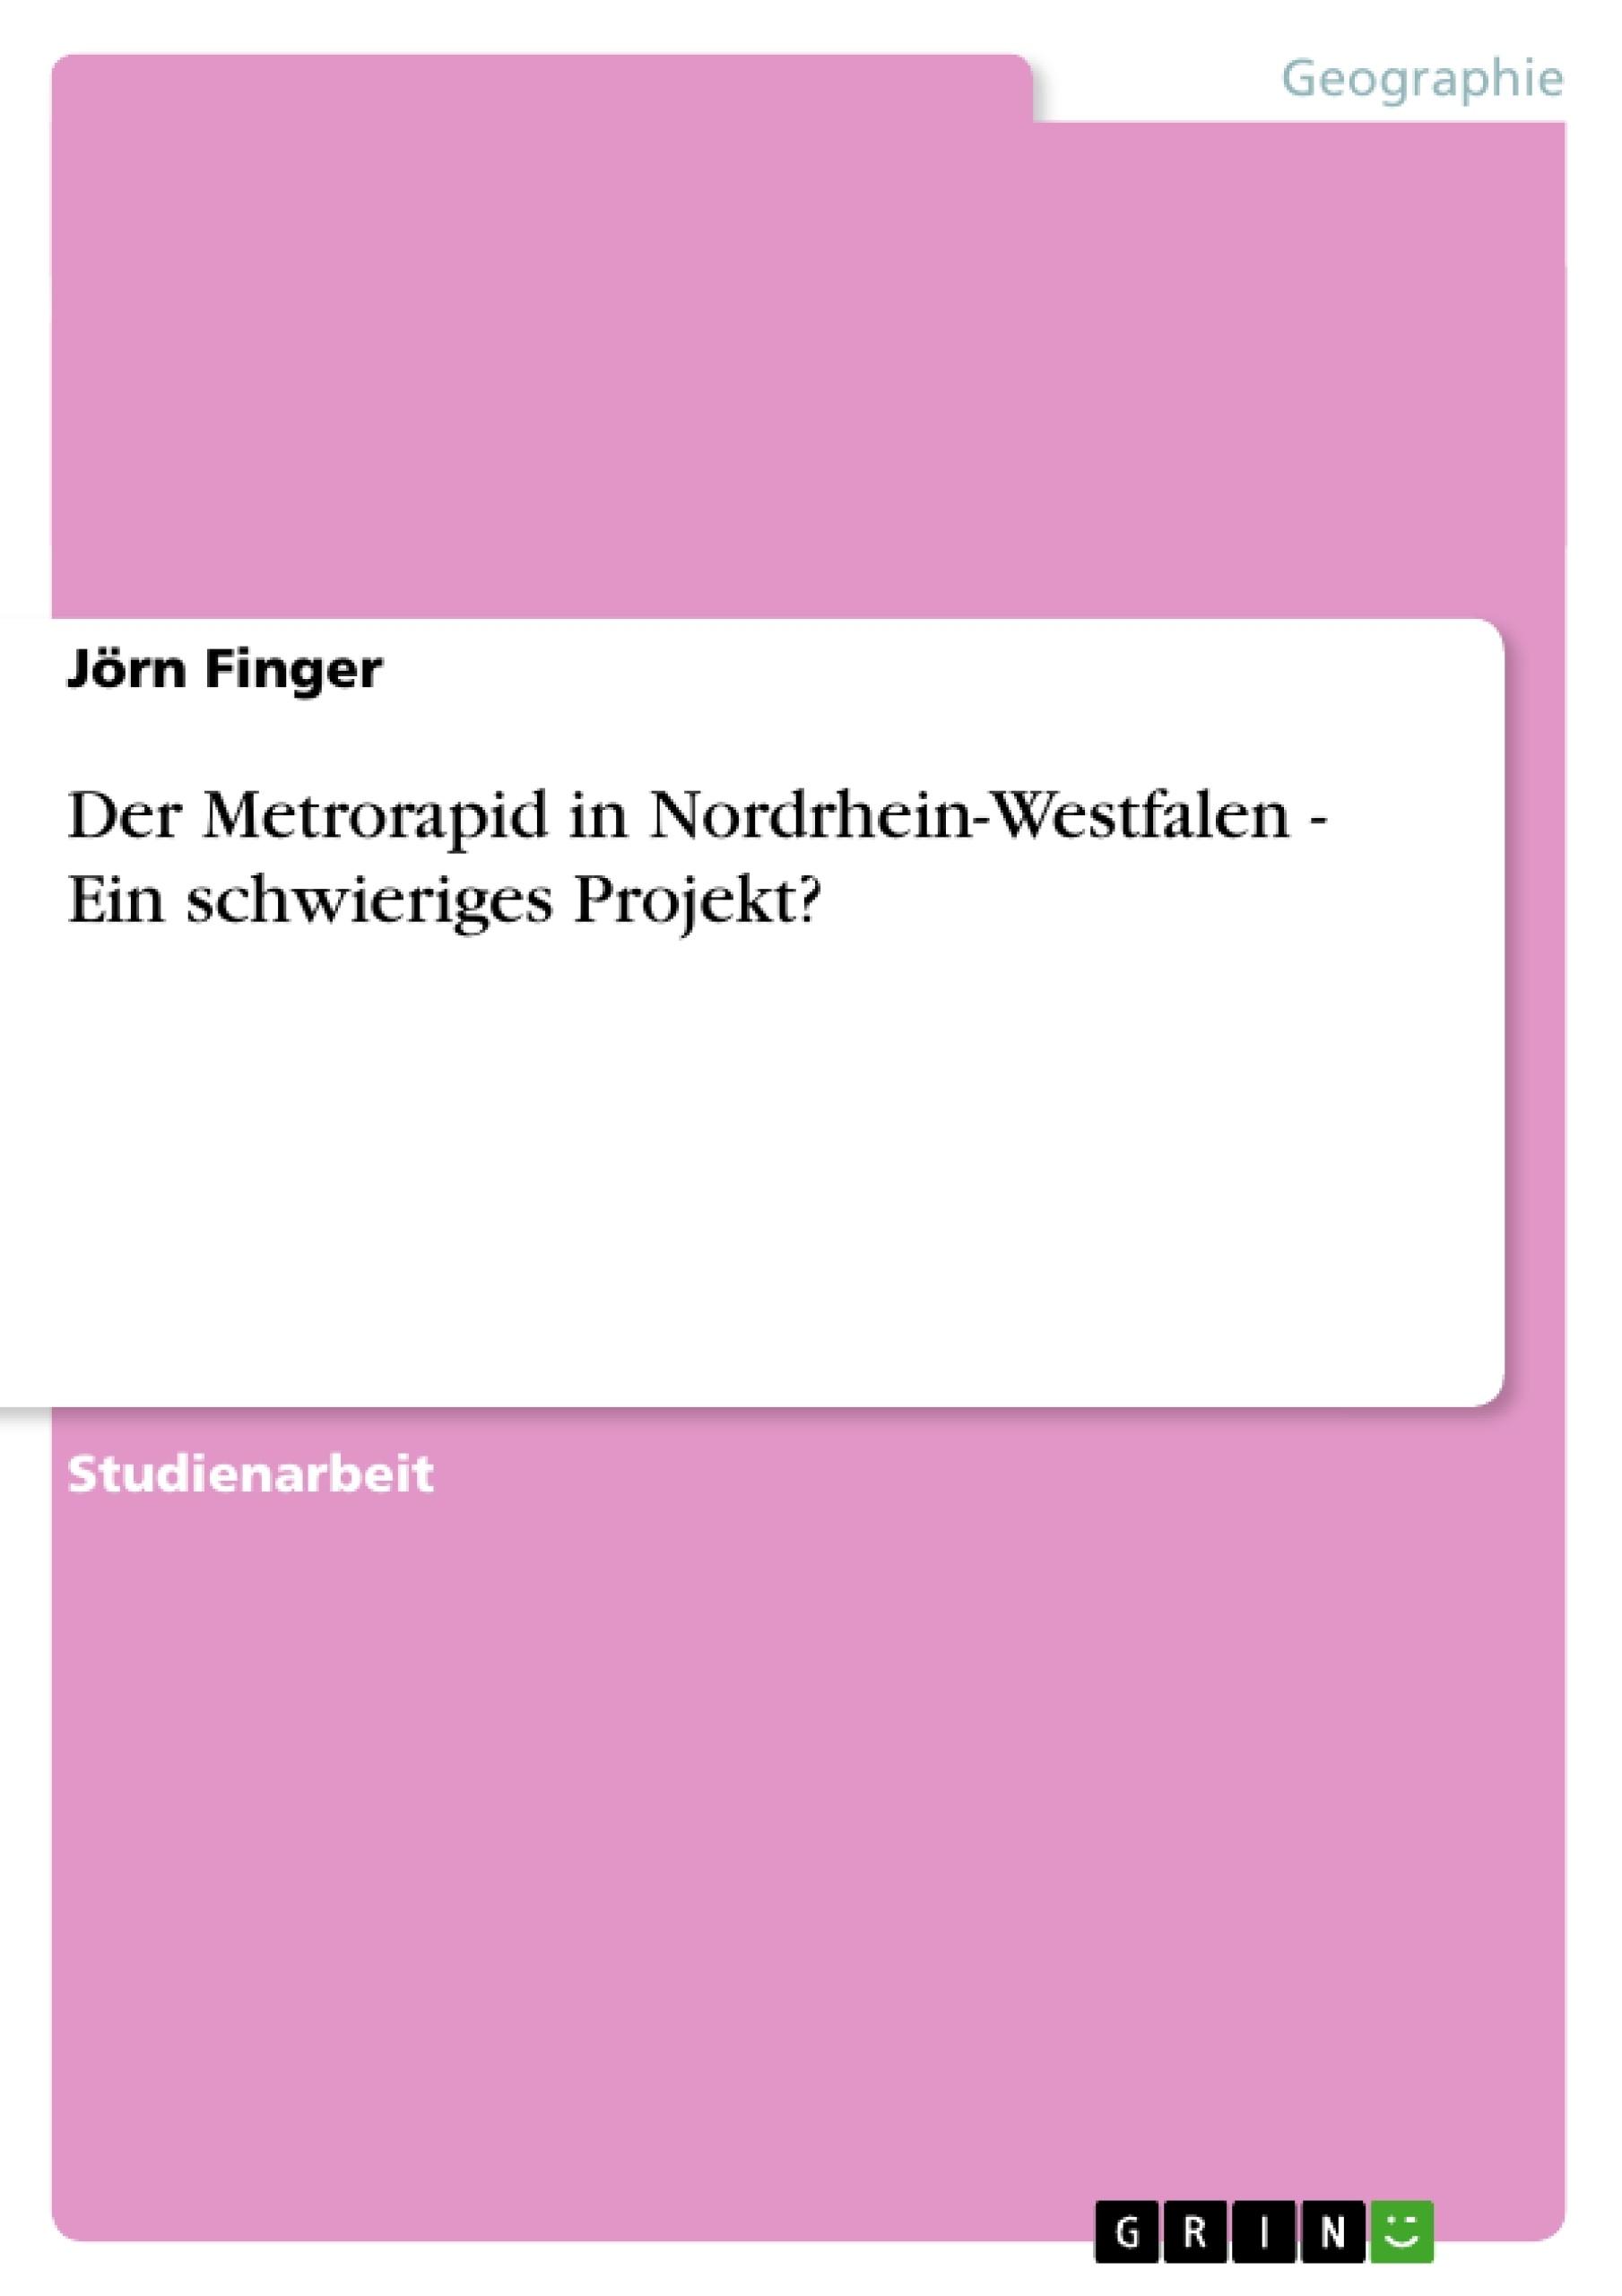 Titel: Der Metrorapid in Nordrhein-Westfalen - Ein schwieriges Projekt?